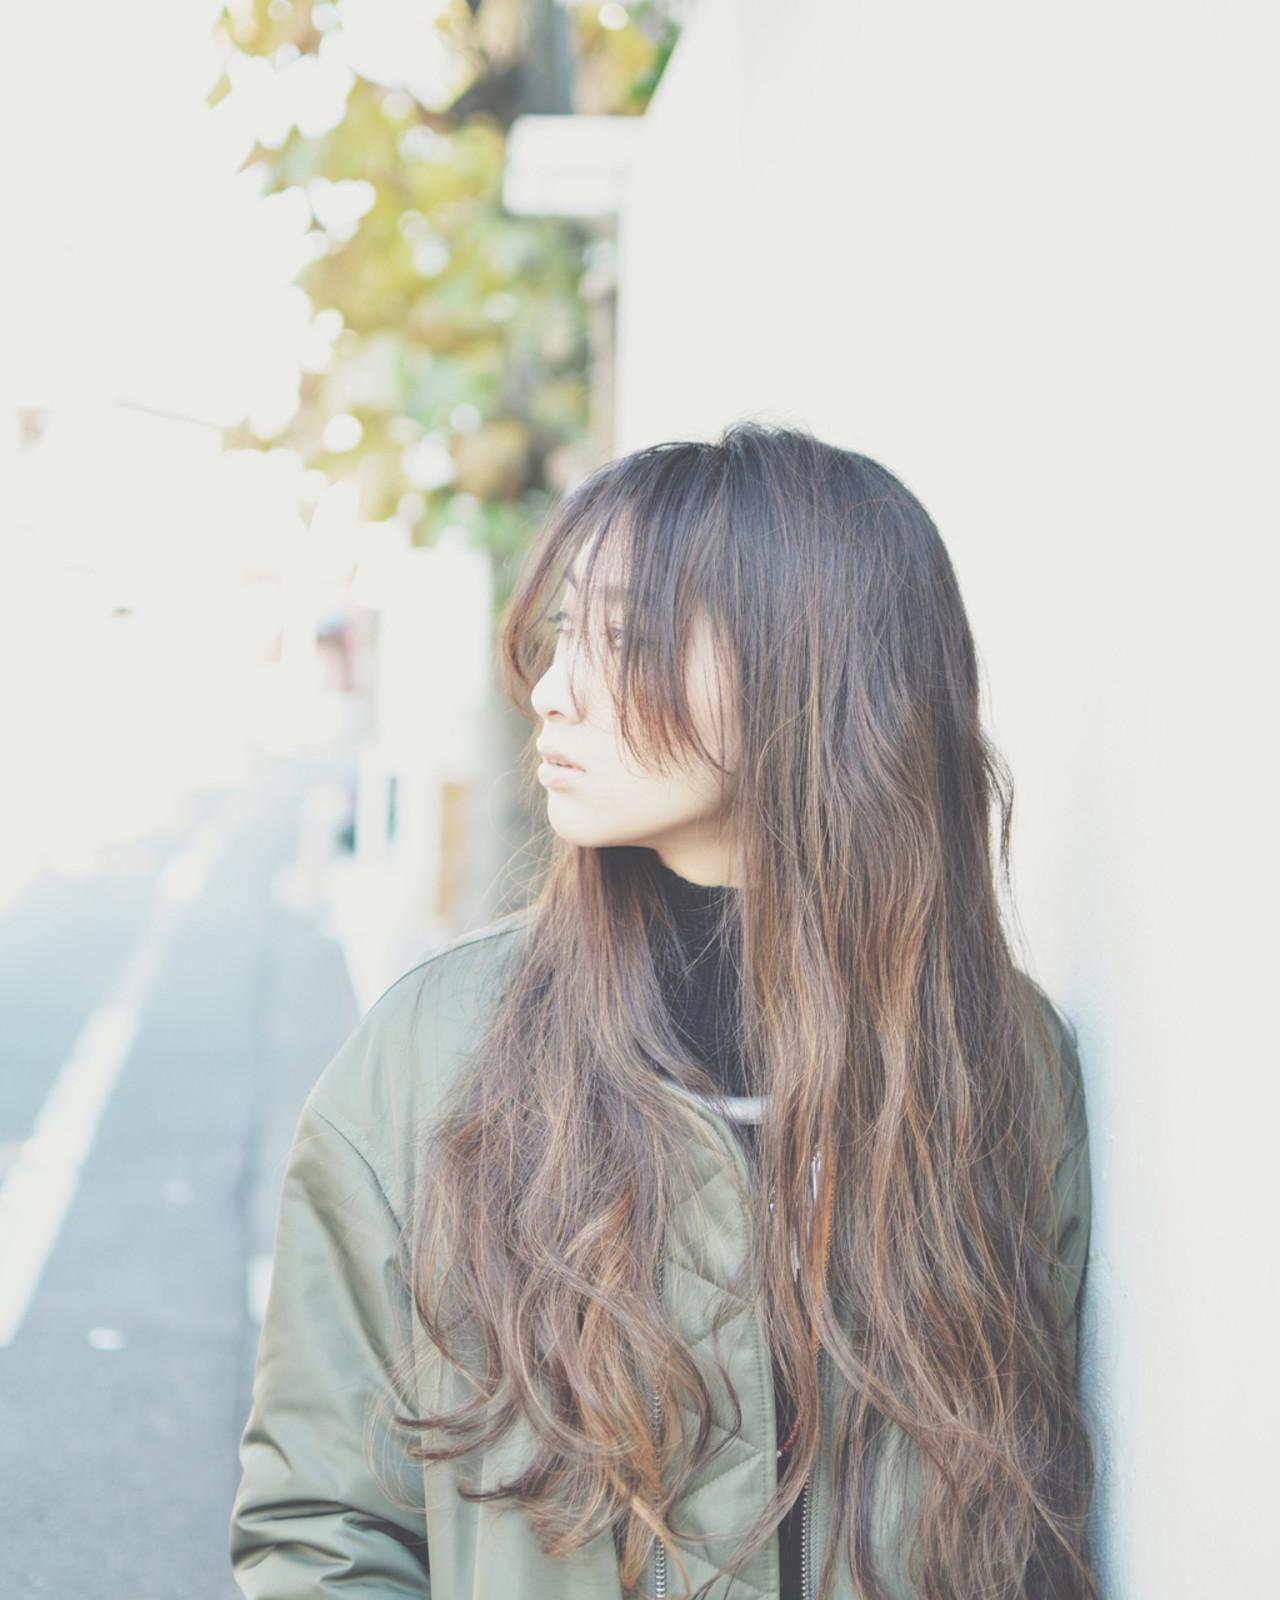 大注目の暗髪×グラデーションまとめ♡ポイントは毛先とハイライト サトウ タクロウ